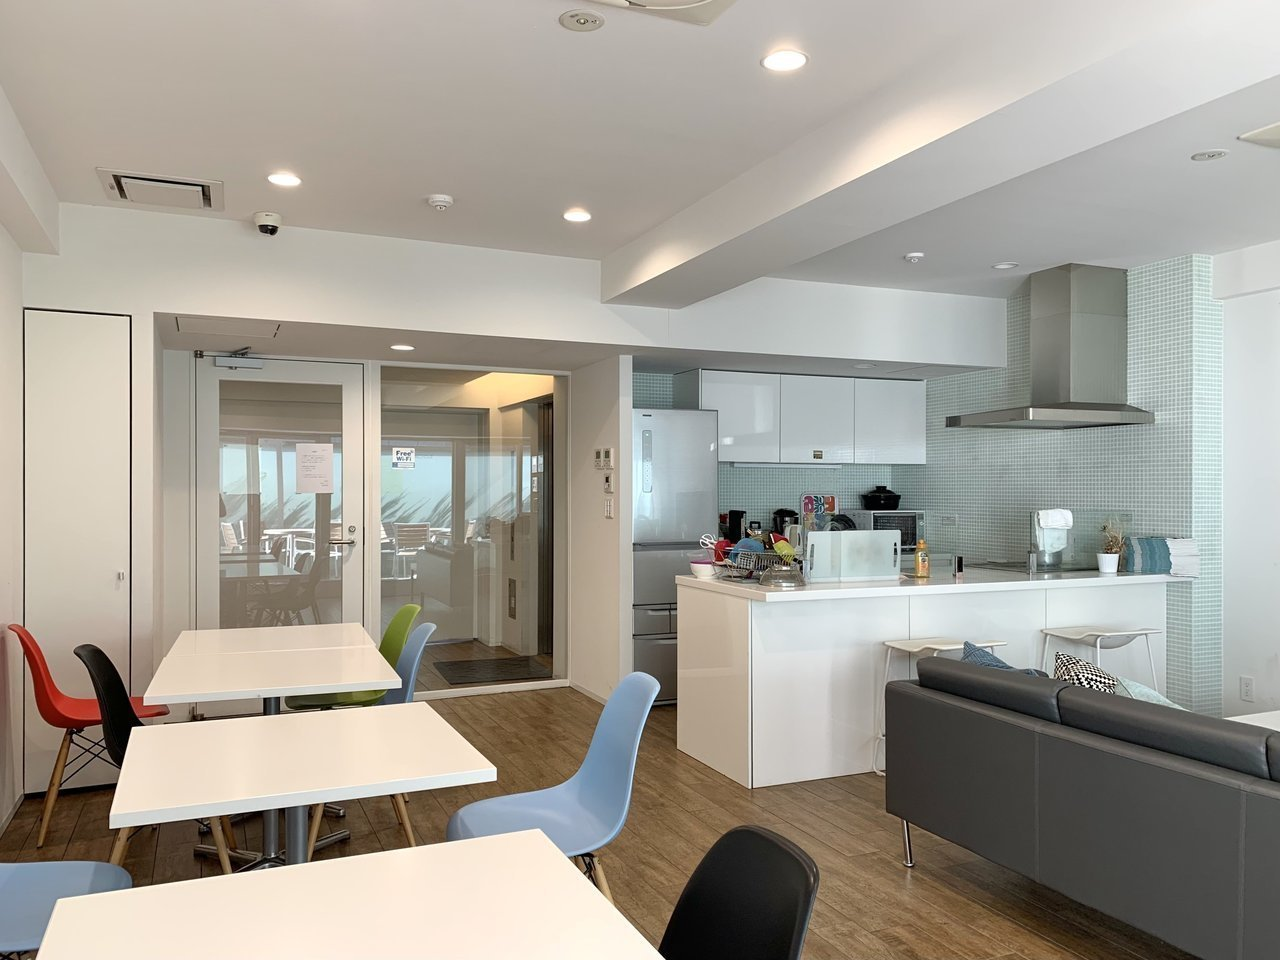 1階に共有スペースは2部屋あります。こちらはキッチンがあるため、サッとお昼ご飯をいただくこともできますよ。